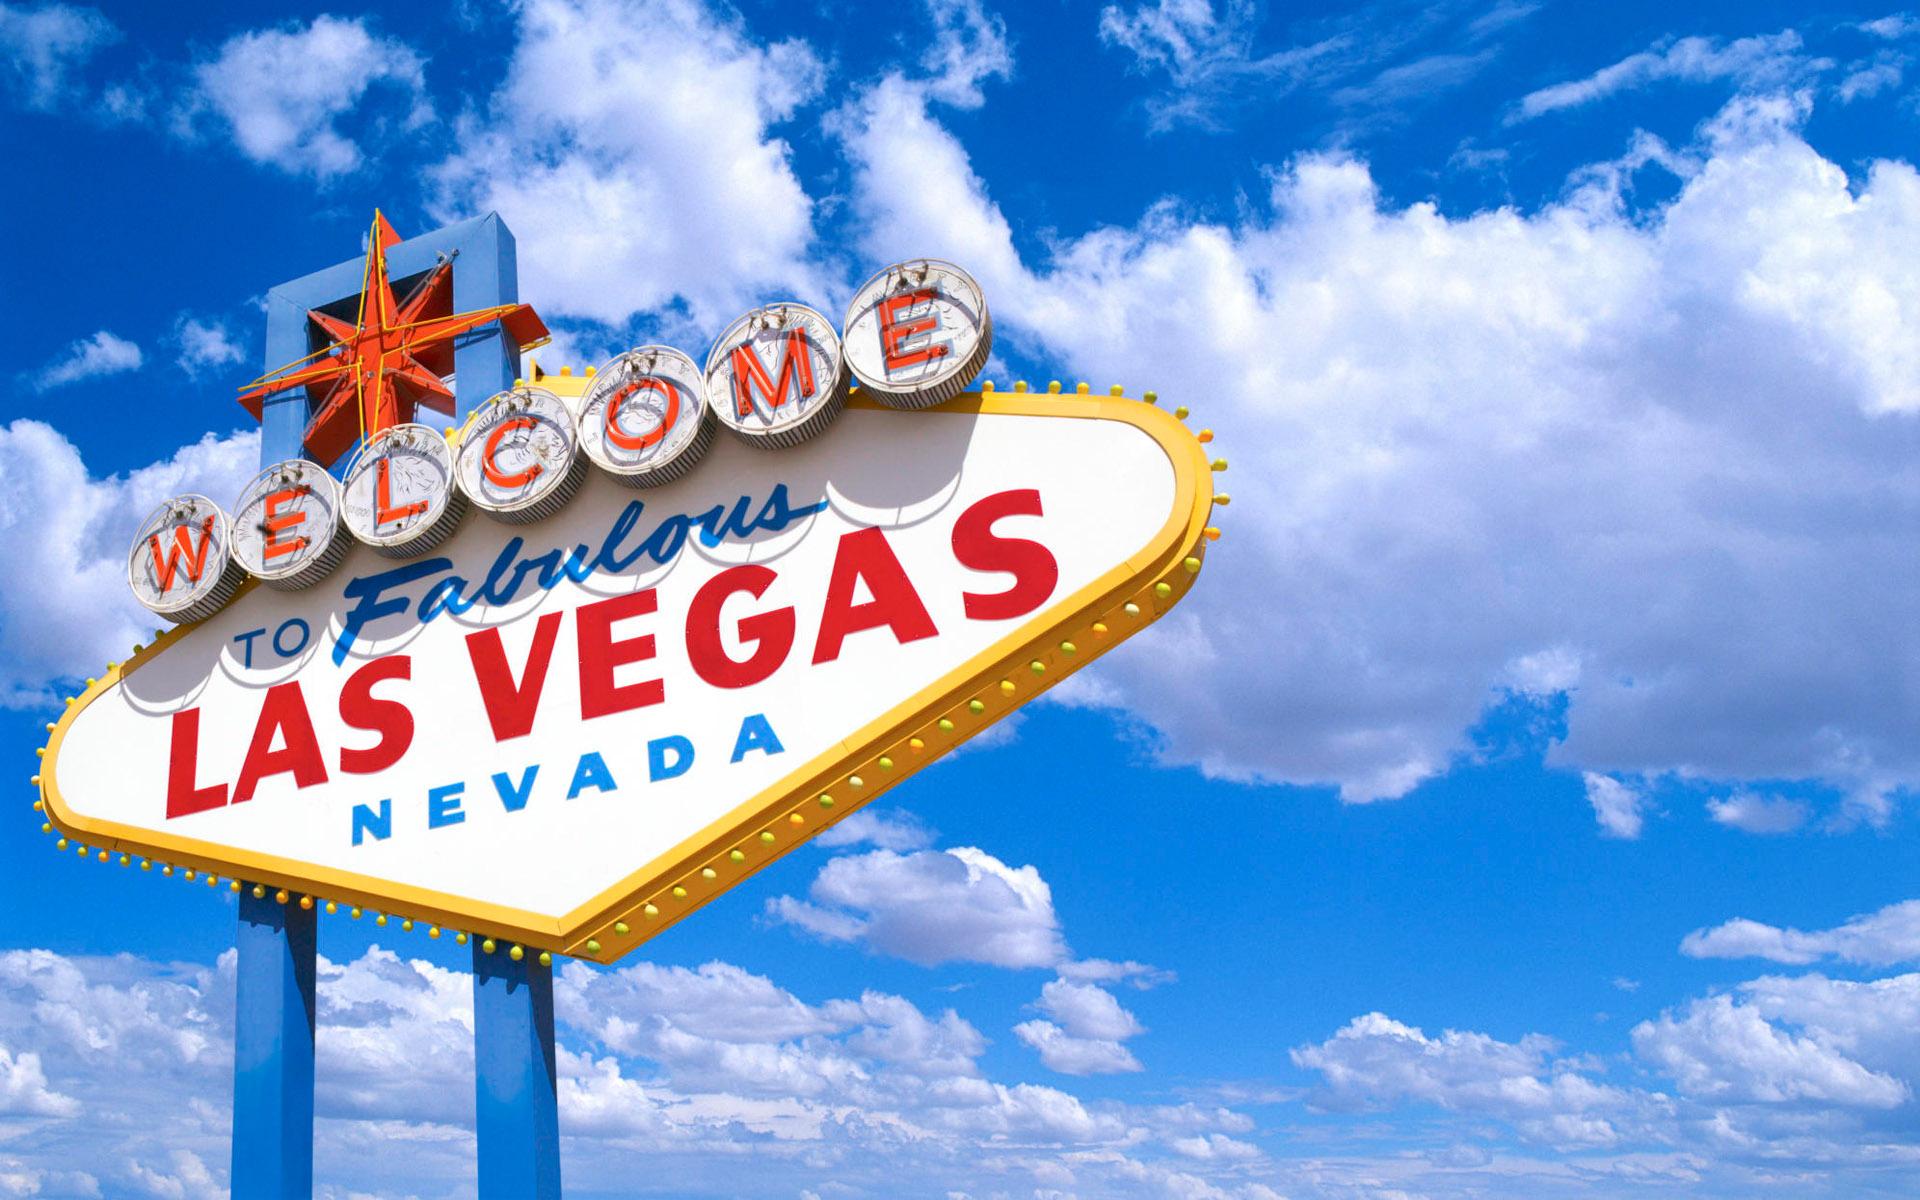 Du lịch Mỹ trọn gói - Vietourist